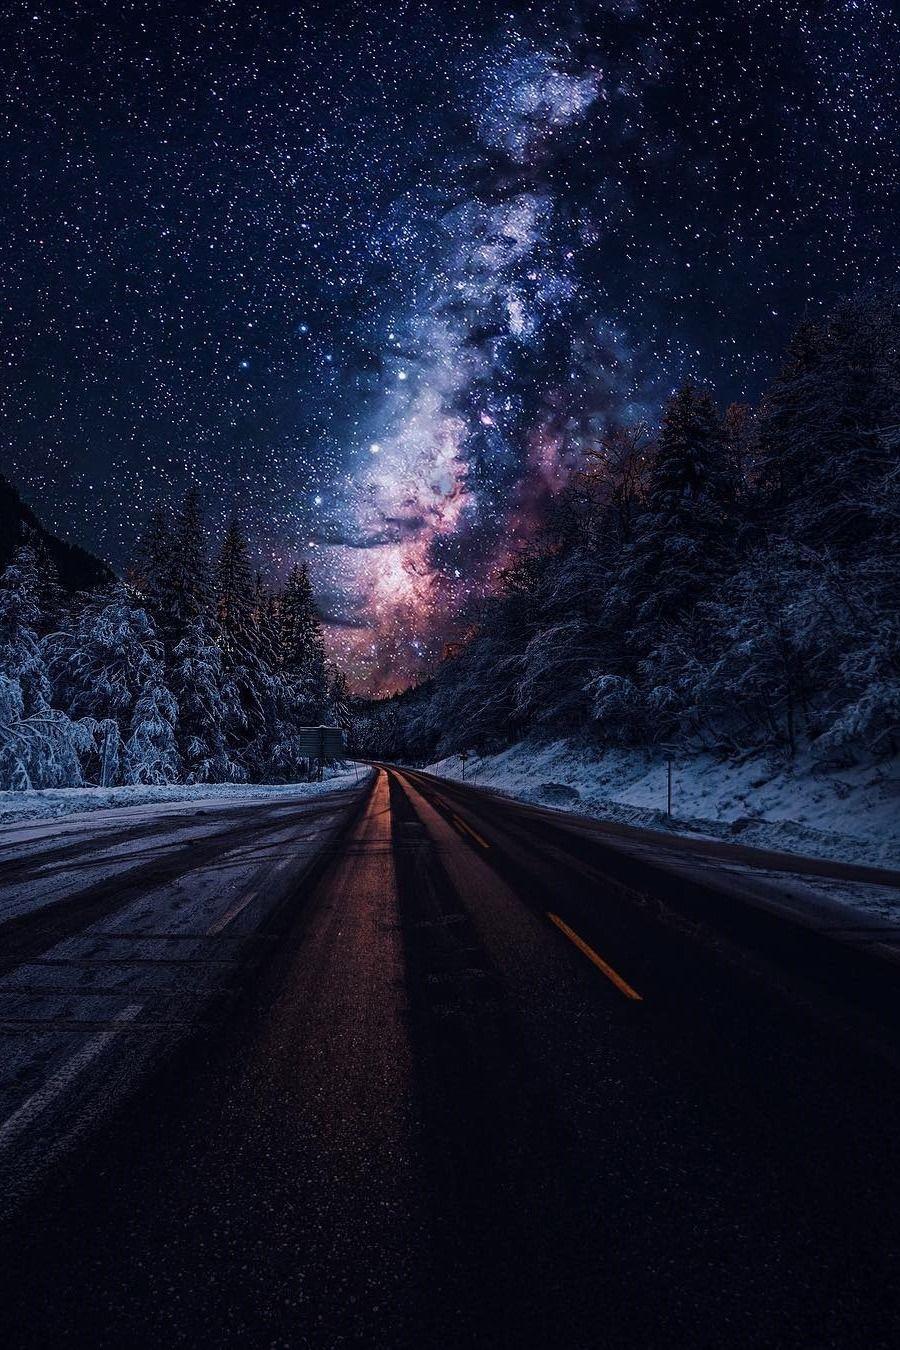 Hình ảnh bầu trời đêm tuyệt đẹp